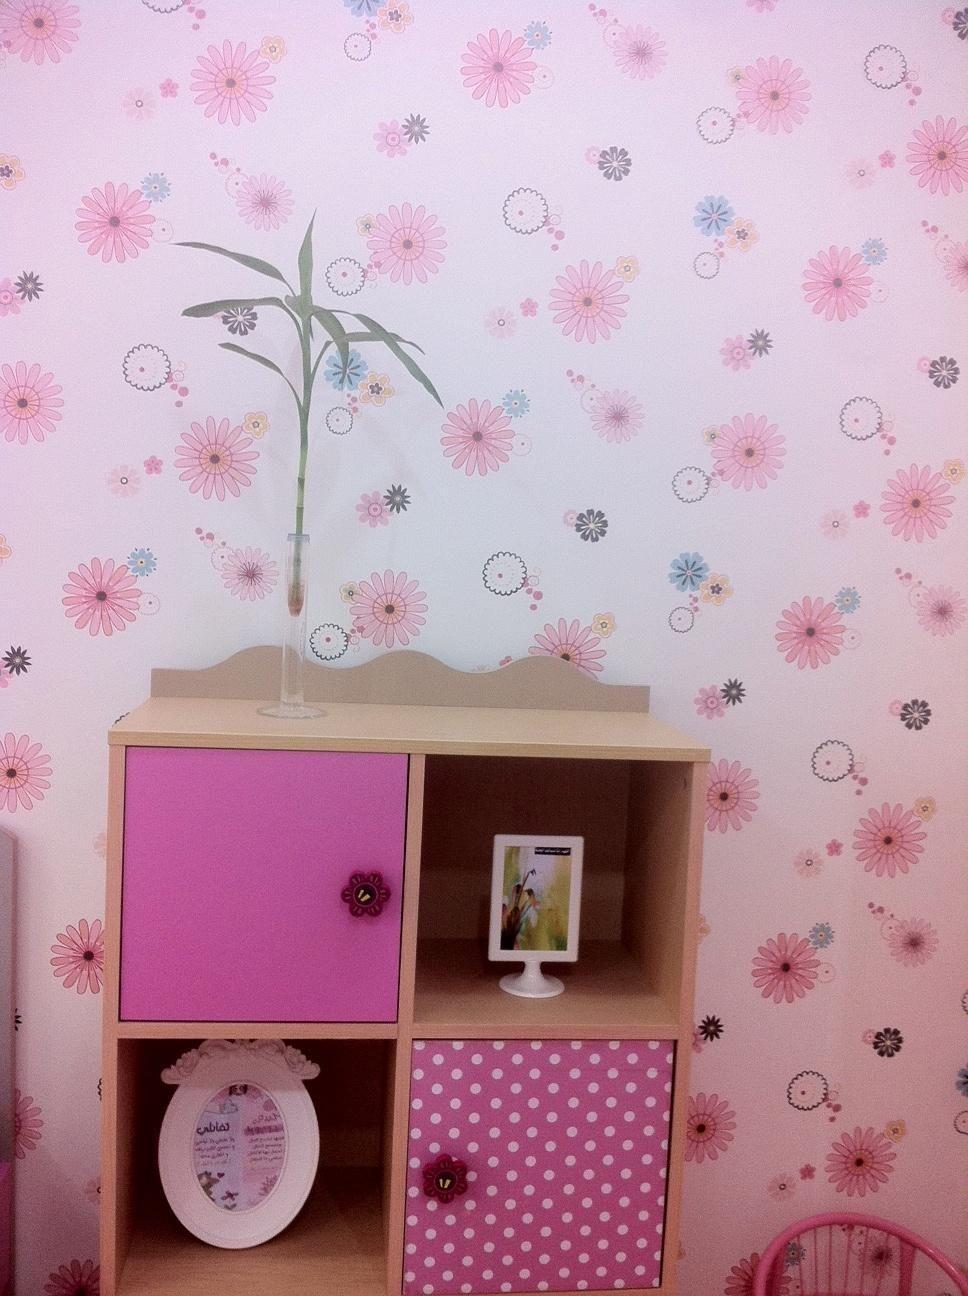 طريقة جميلة تربوية لتزيين الاطفال تزين غرفة الاطفال بإطارات وعليها عبارات جميلة